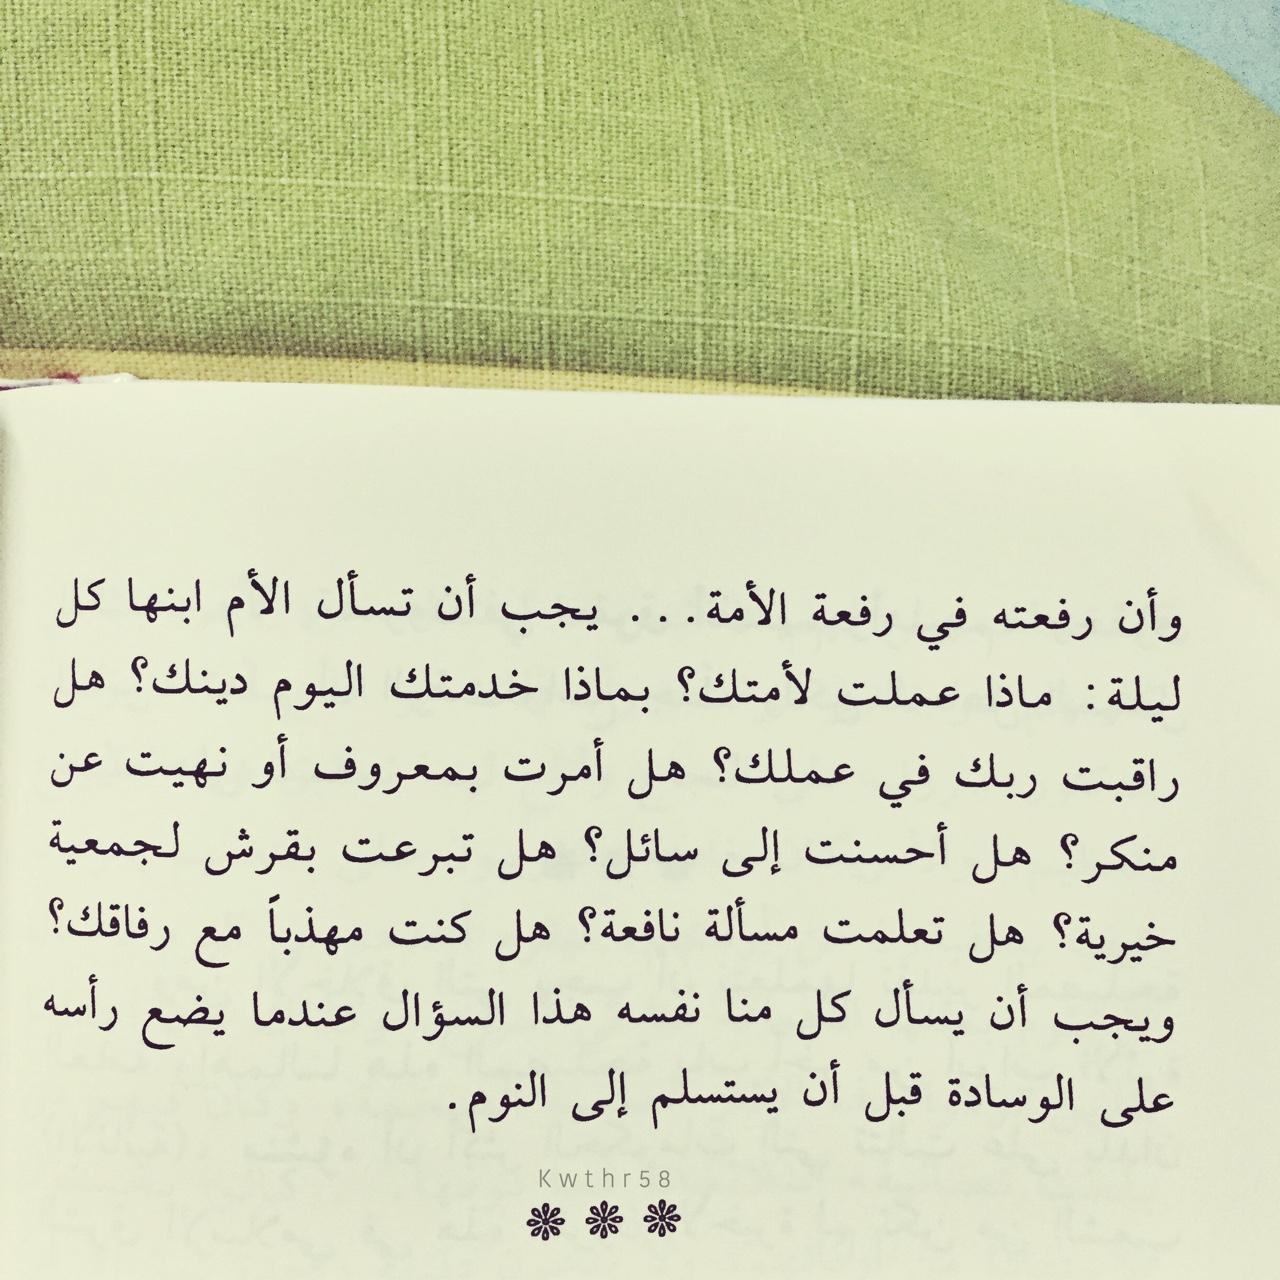 كلام عن الام حكم وكلمات مؤثرة عن الأم صور عن الأم مكتوب